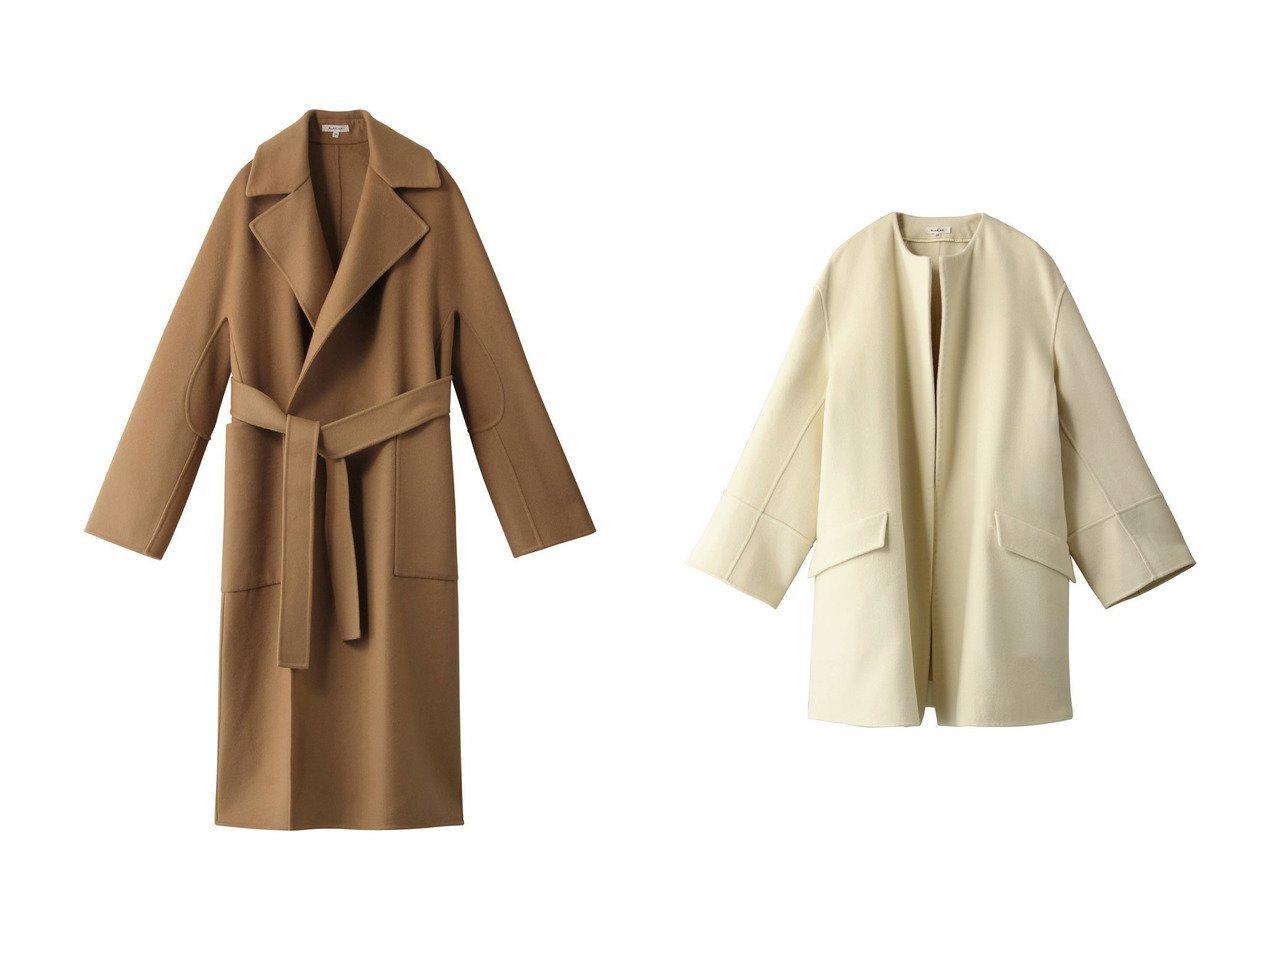 【BLAMINK/ブラミンク】のウールダブルフェイスノーカラーコート&ウールダブルフェイスラップコート アウターのおすすめ!人気、レディースファッションの通販 おすすめで人気のファッション通販商品 インテリア・家具・キッズファッション・メンズファッション・レディースファッション・服の通販 founy(ファニー) https://founy.com/ ファッション Fashion レディース WOMEN アウター Coat Outerwear コート Coats ラップ リラックス ロング 定番 フォルム |ID:crp329100000001239